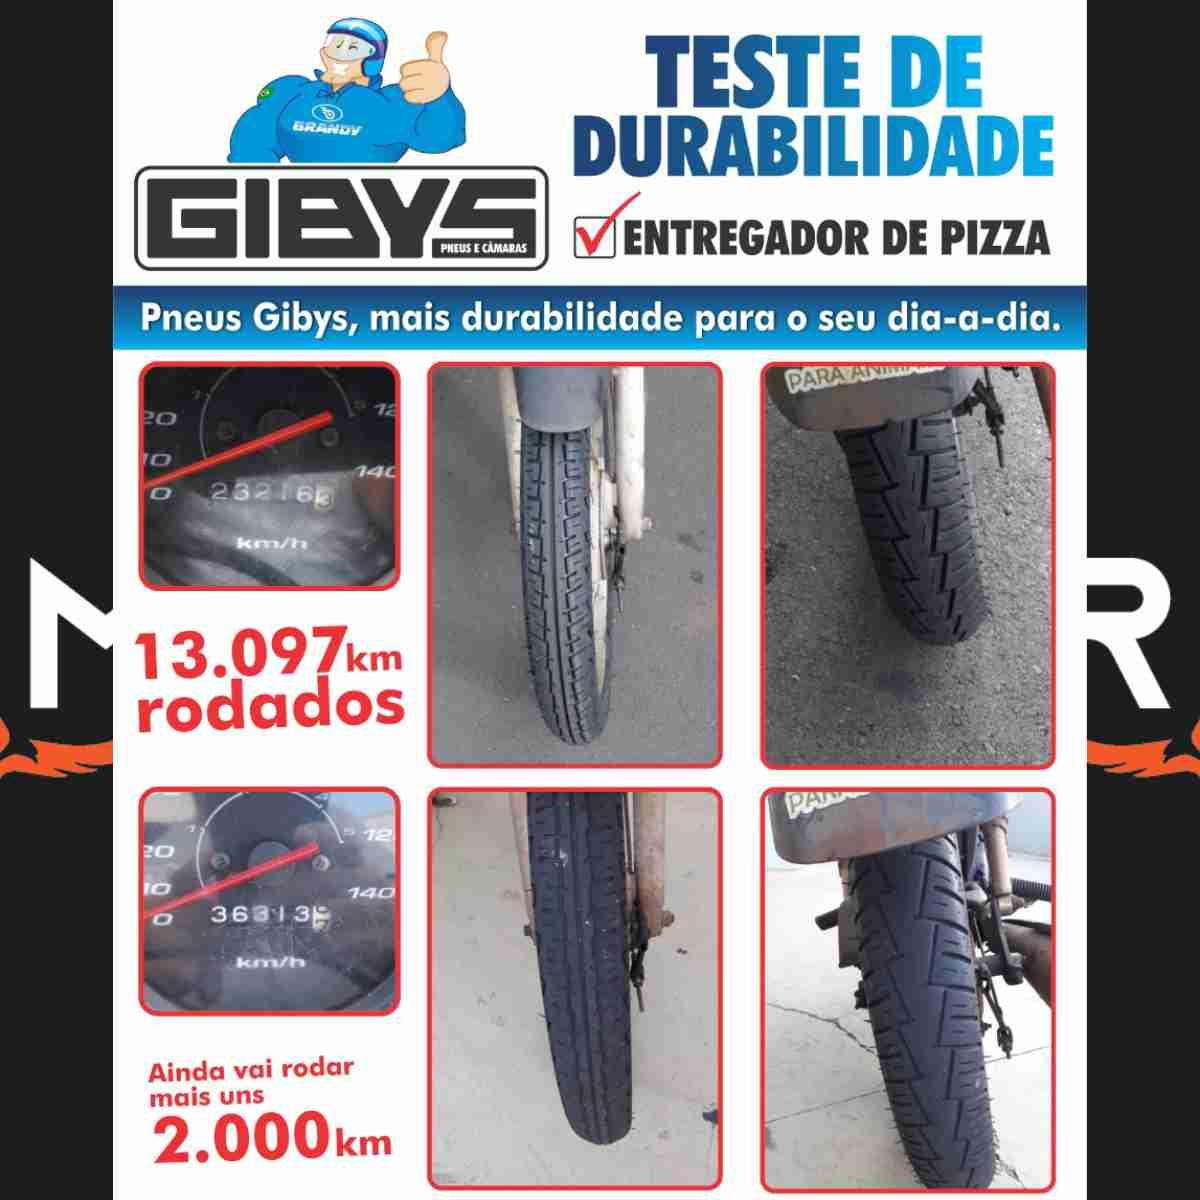 PAR DE PNEUS DE MOTO GIBYS  BYCITYPOWER DIANTEIRO 80/100-18 + PNEU TRASEIRO 90/90-18 USO COM CÂMARA